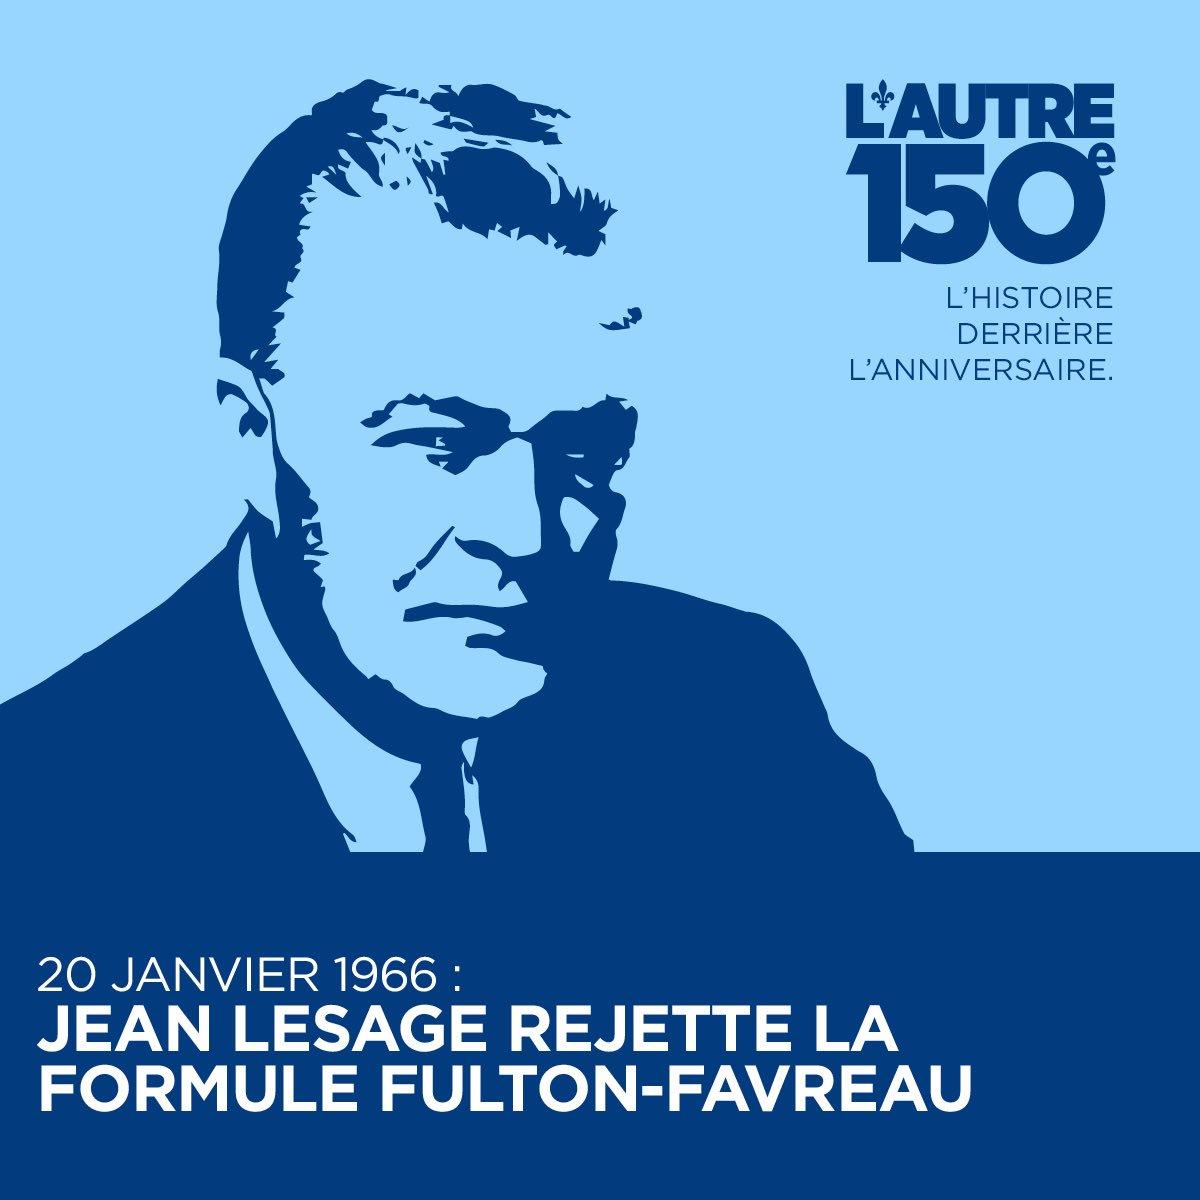 20 janv. 1966: Lesage rejette la formule Fulton-Favreau parce qu'elle empêche d'étendre l'autonomie du Qc  https://www. facebook.com/autre150e/post s/1256570244410084:0 &nbsp; …  #Canada150  <br>http://pic.twitter.com/8DHr3YbZAX